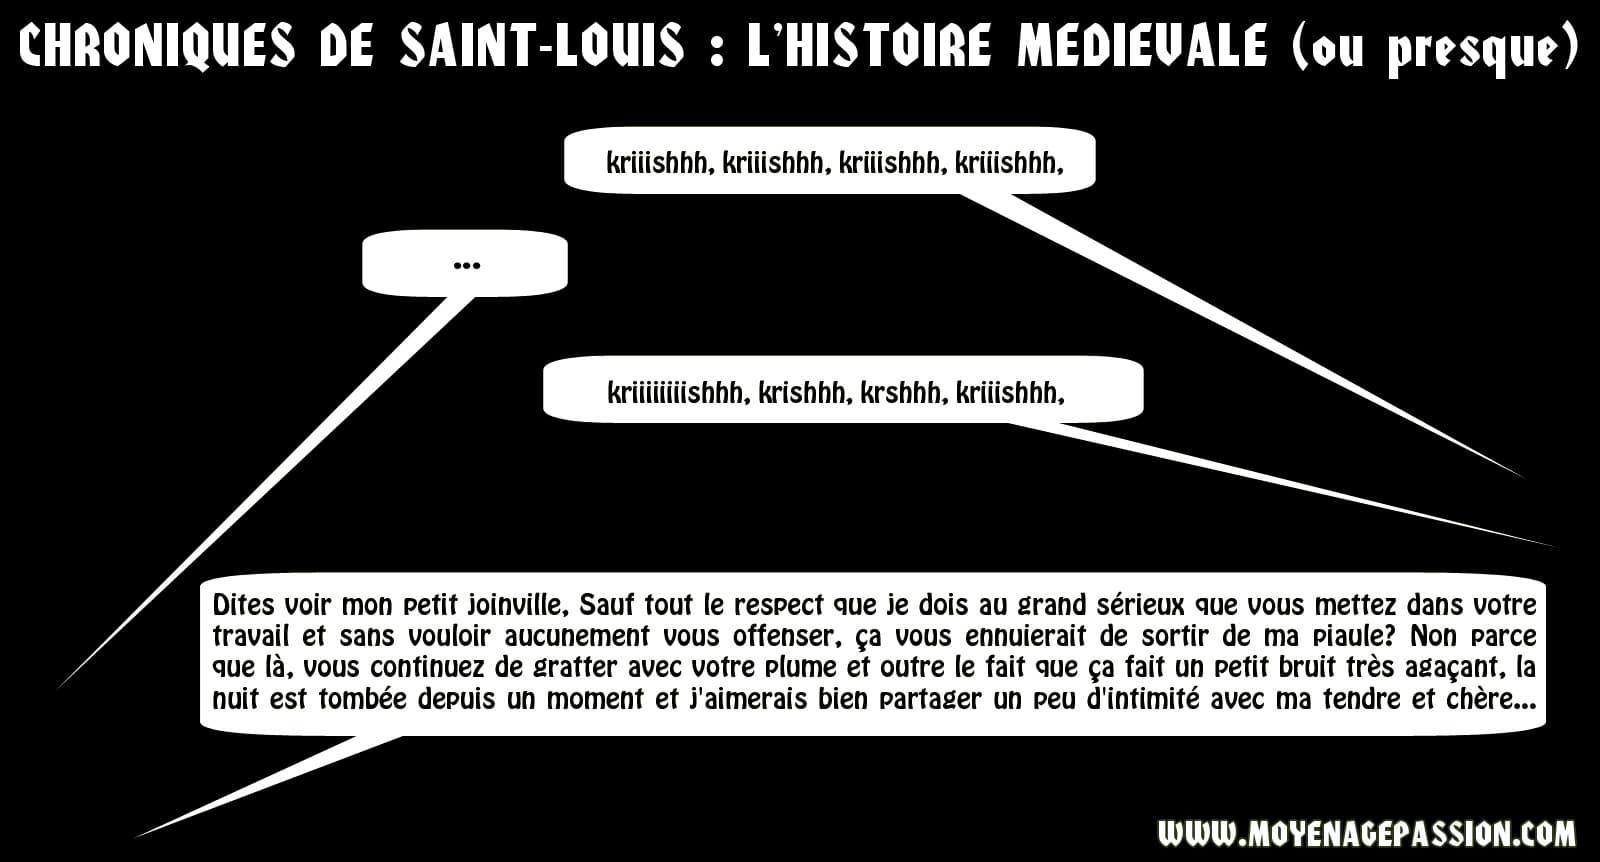 humour_histoire_-monde_medieval_saint_louis_chronique_de_joinville